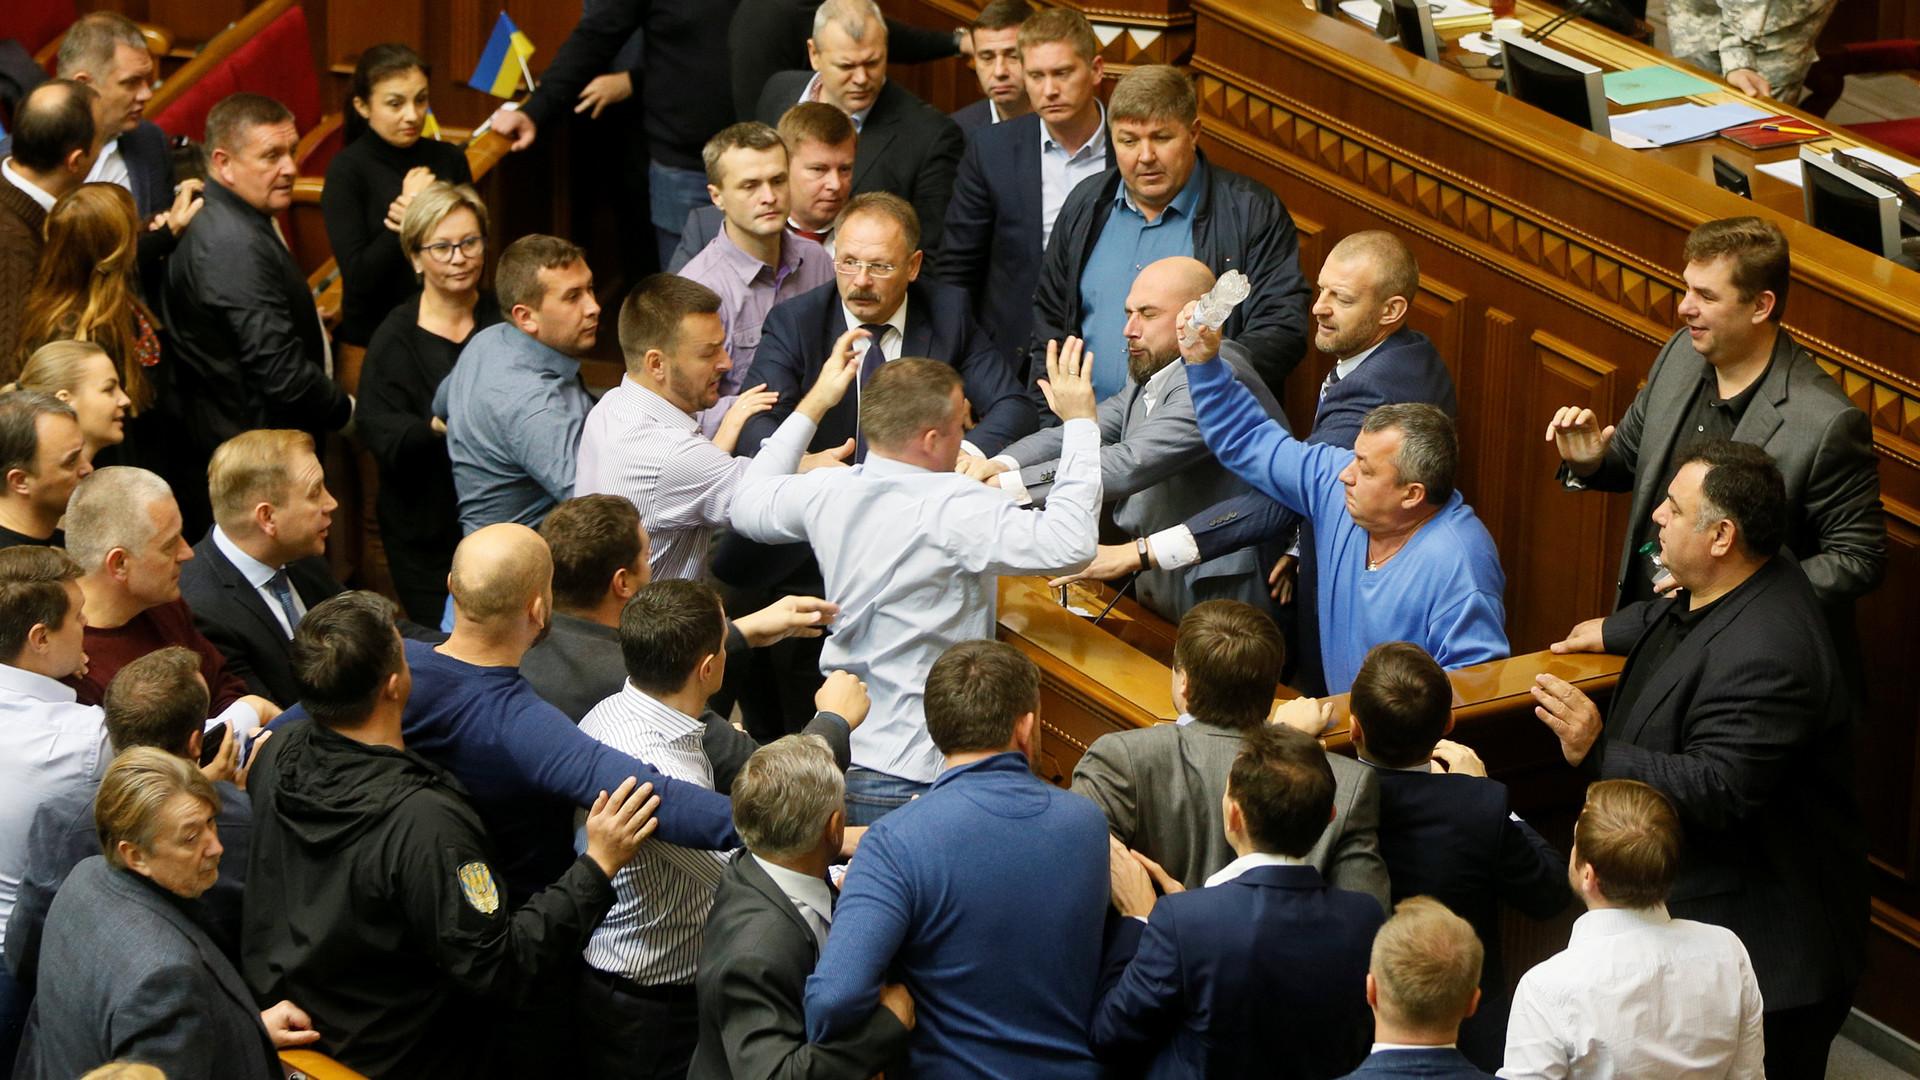 Без минских договорённостей: Рада приняла в первом чтении закон о реинтеграции Донбасса